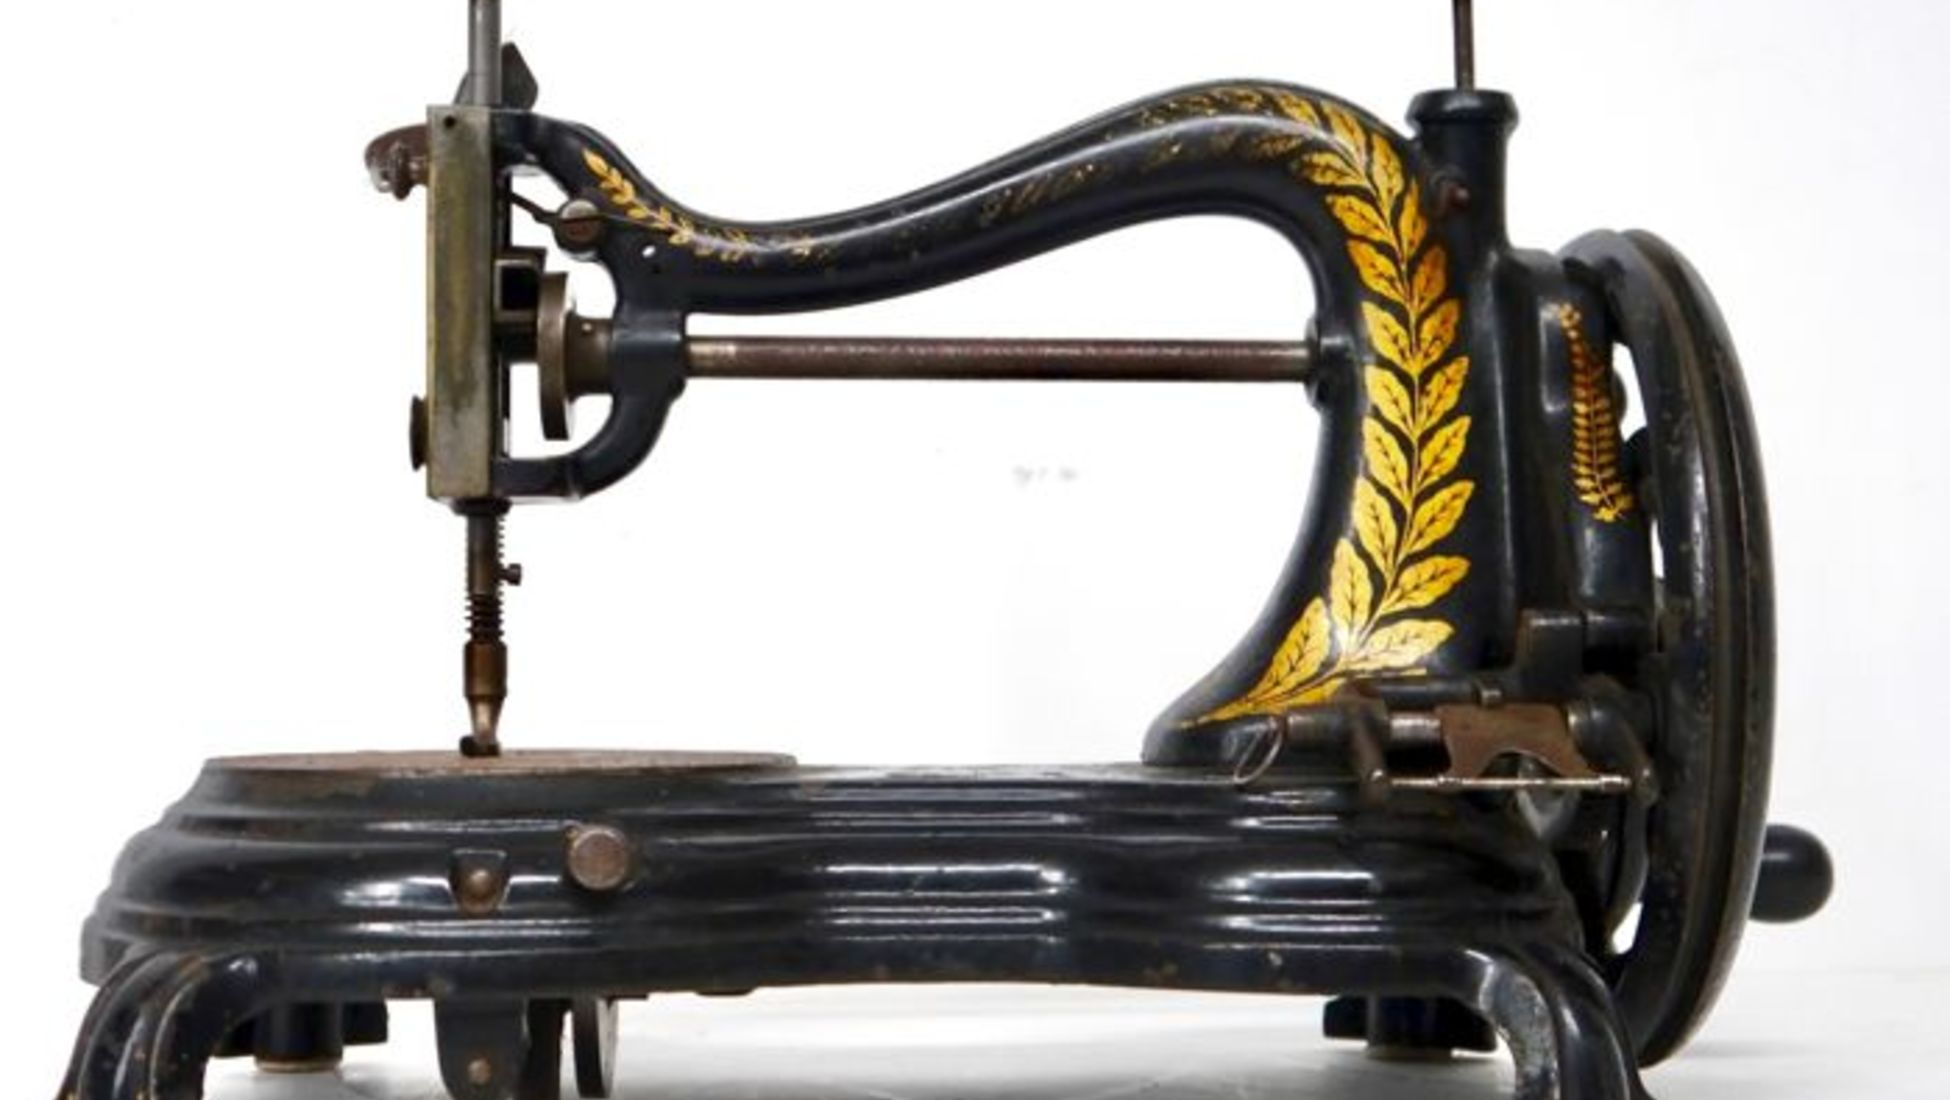 Cómo determinar el valor de tu antigua máquina de coser - Catawiki